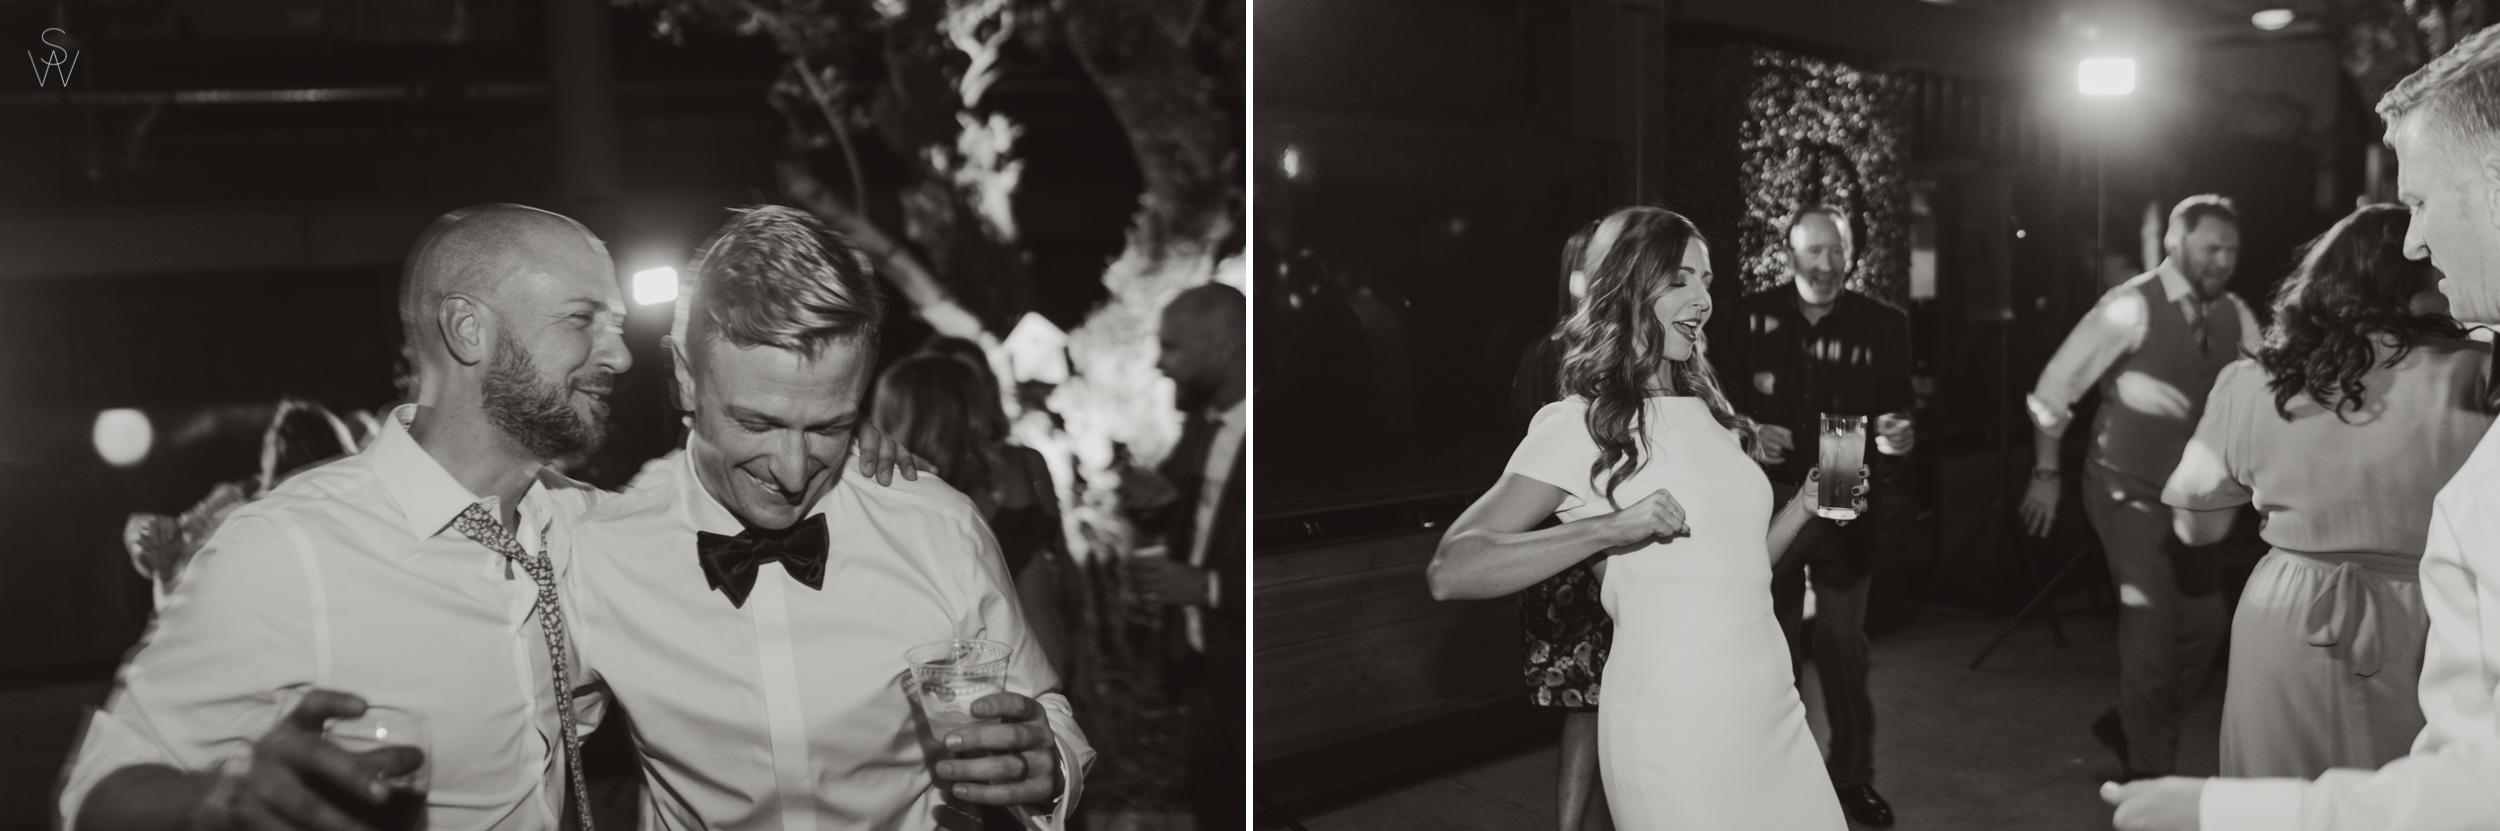 187THE.UNDERGROUND.ELEPHANT.wedding.photography.shewanders.JPG